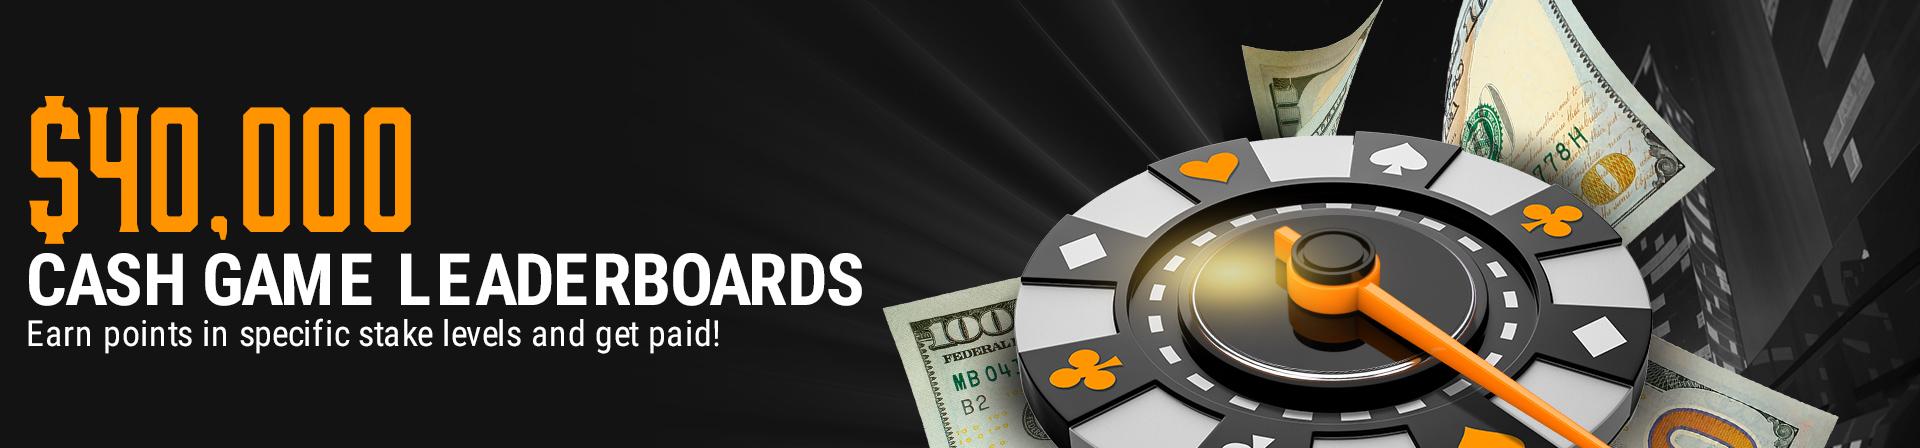 Cash game leaderboard $40,000